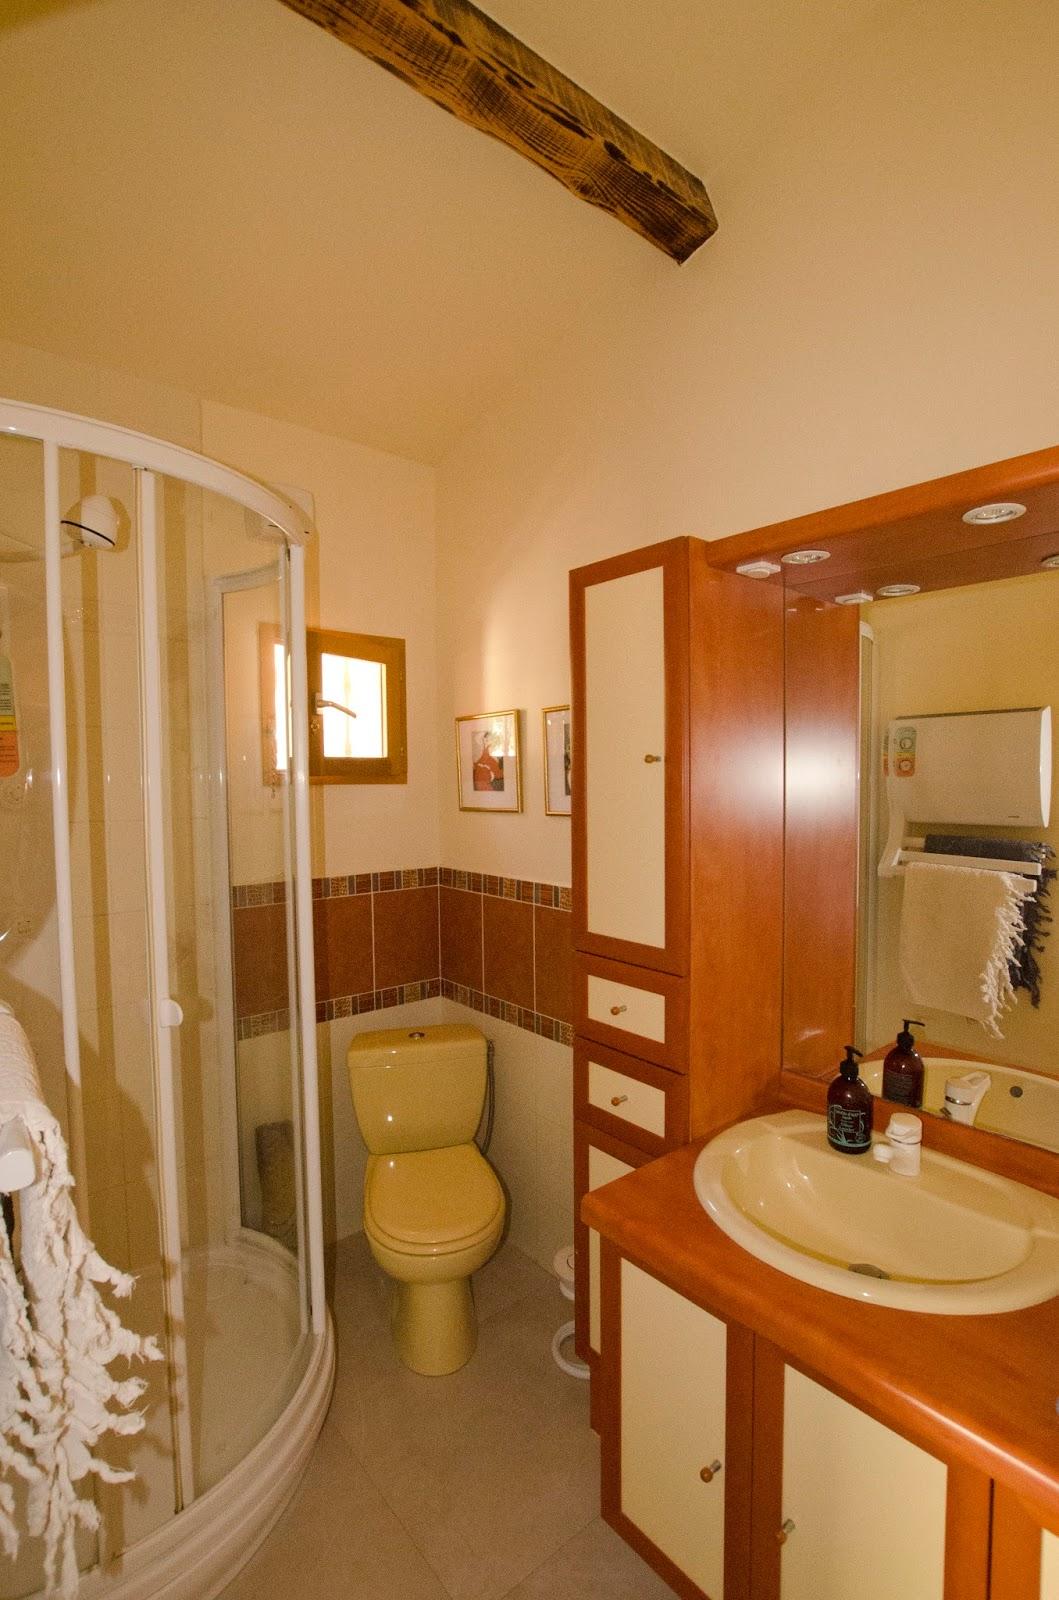 Bandb chambre d 39 h tes piscine chauff e jacuzzi entre aix for Ligne 25 aix salon